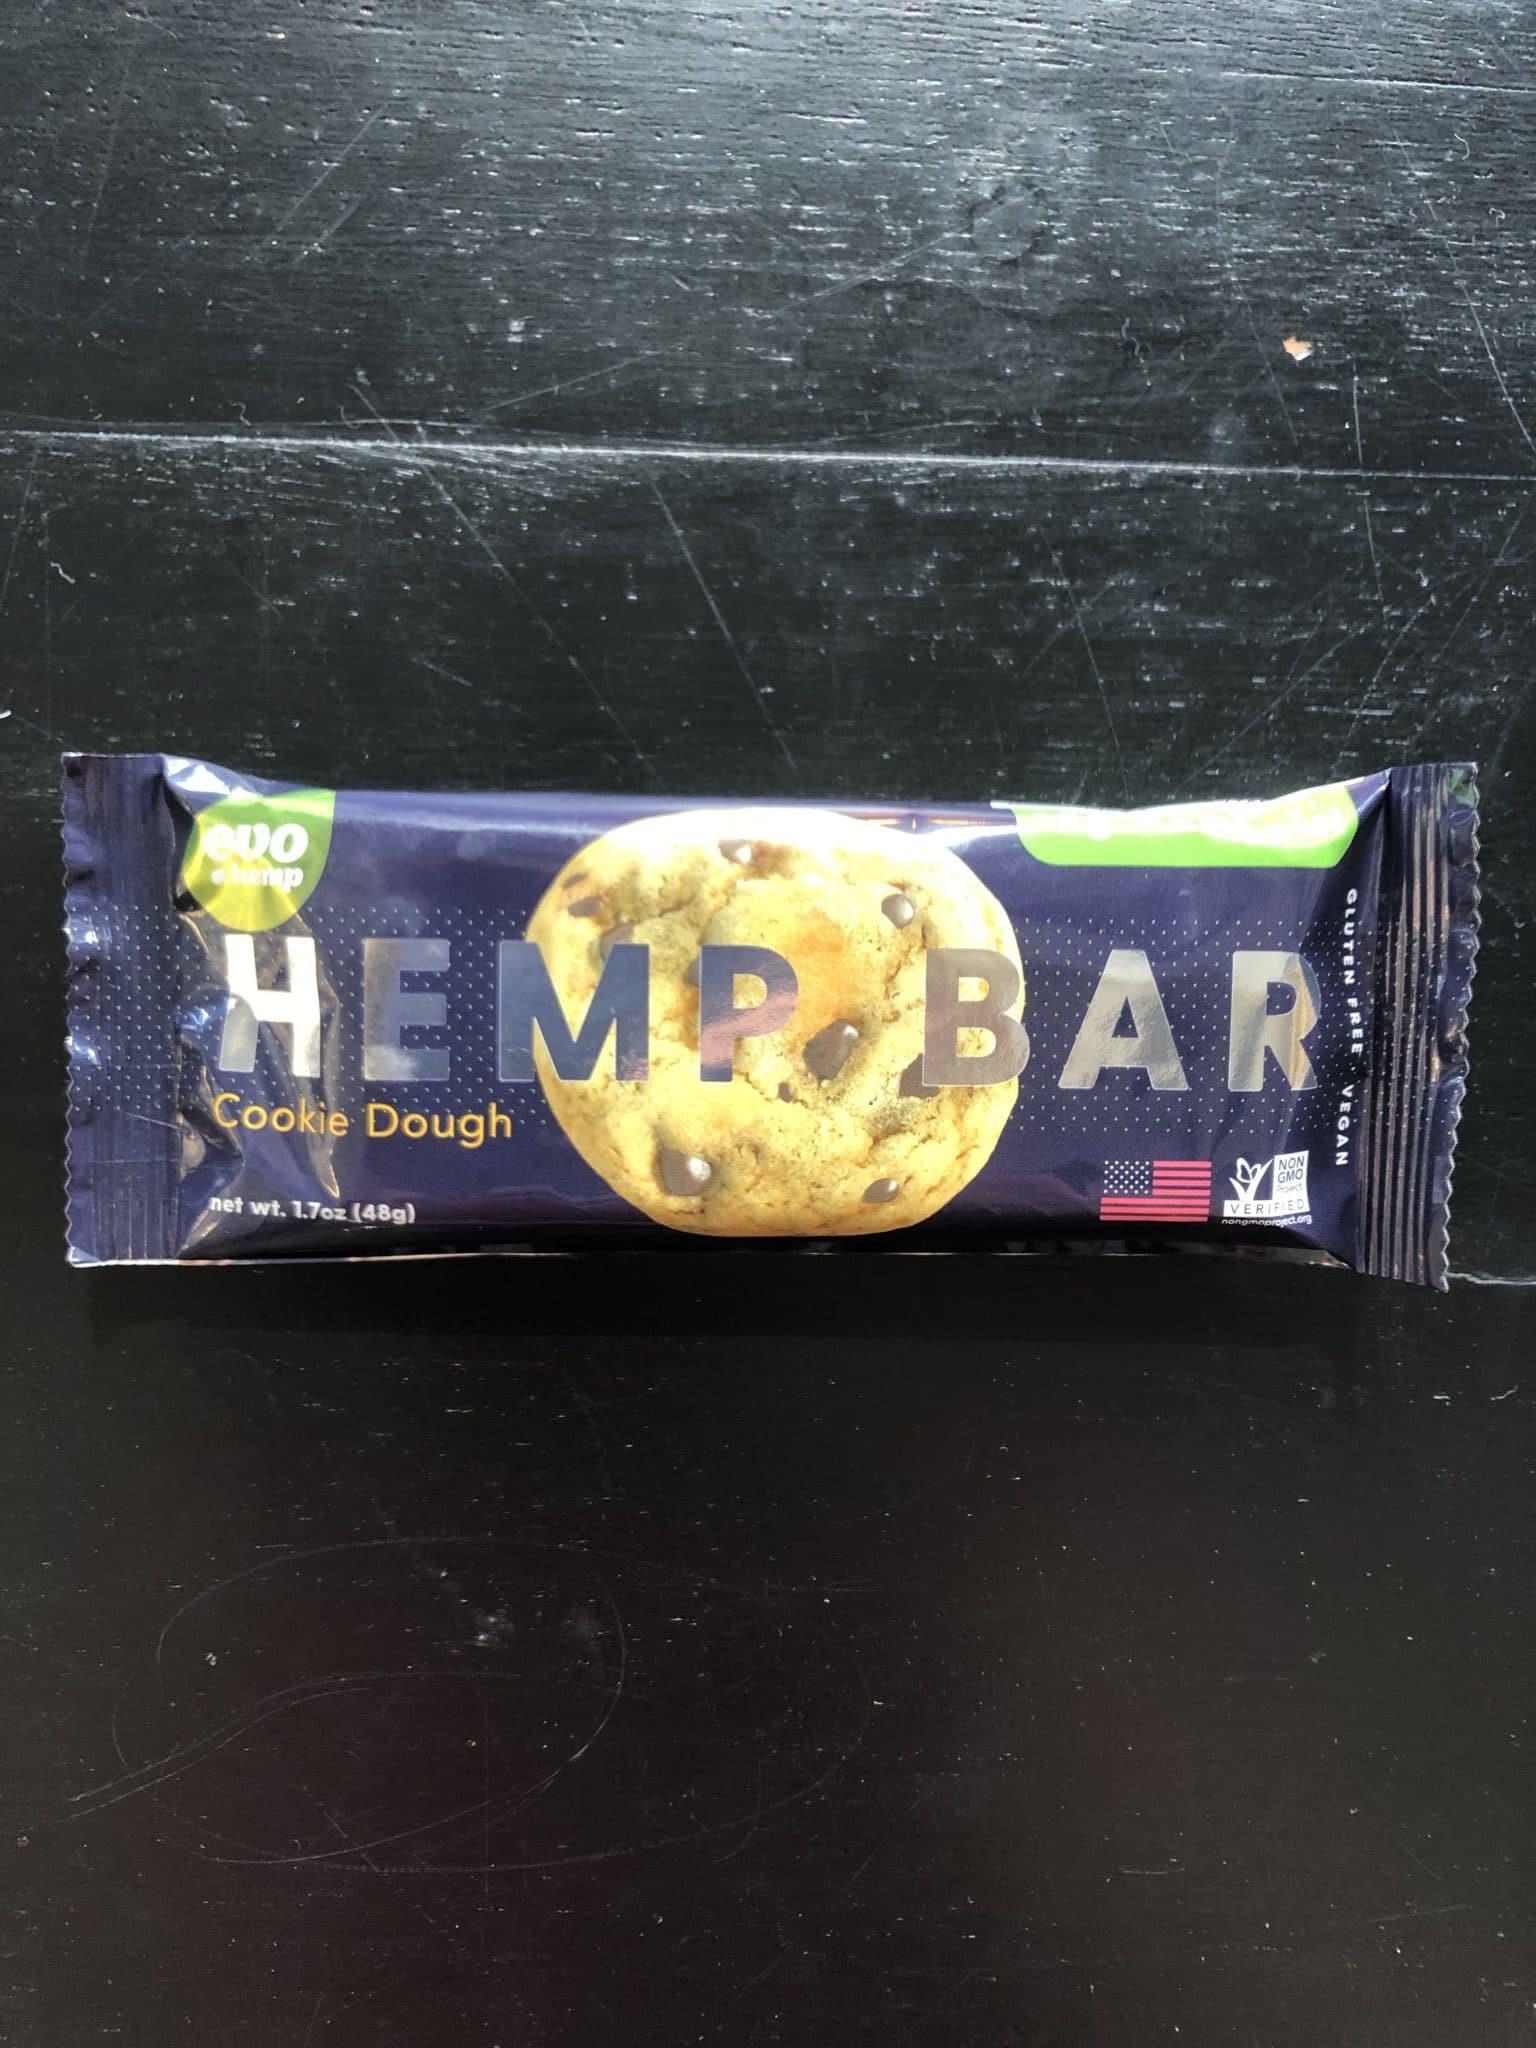 Hemp Bar Cookie Dough Product Photo